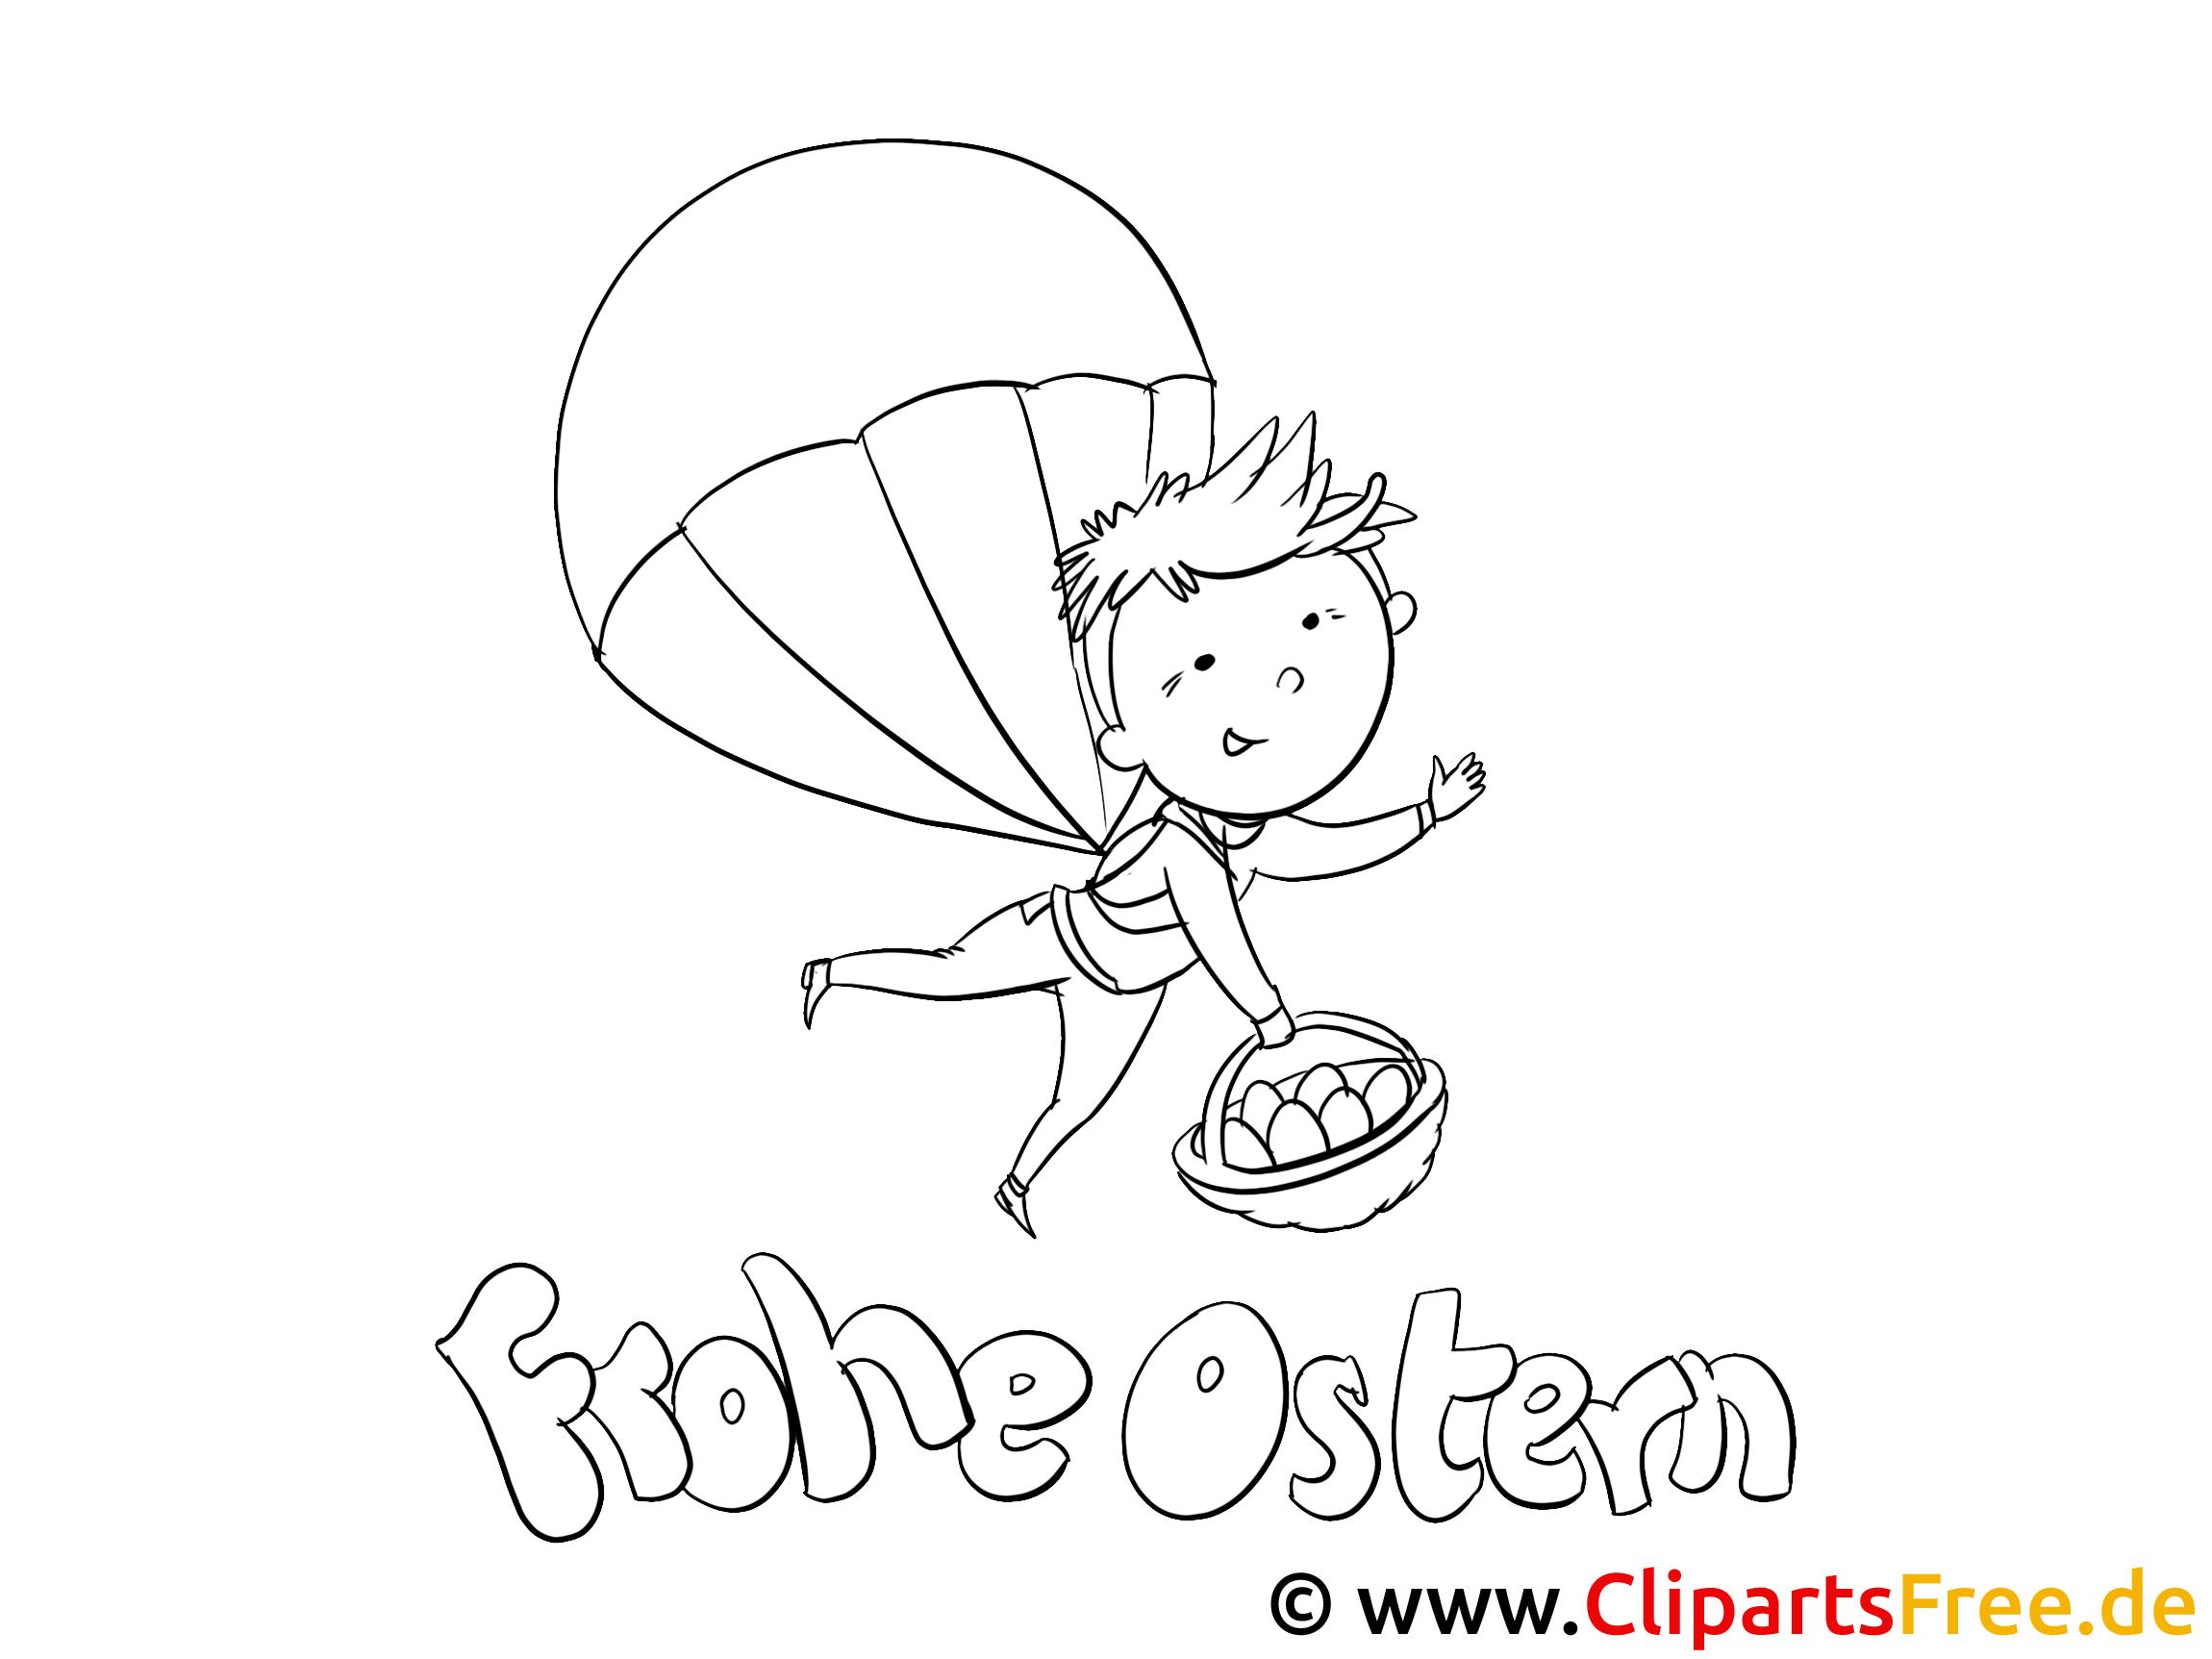 Fallschirm springen Malvorlage PDF kostenlos zu Ostern